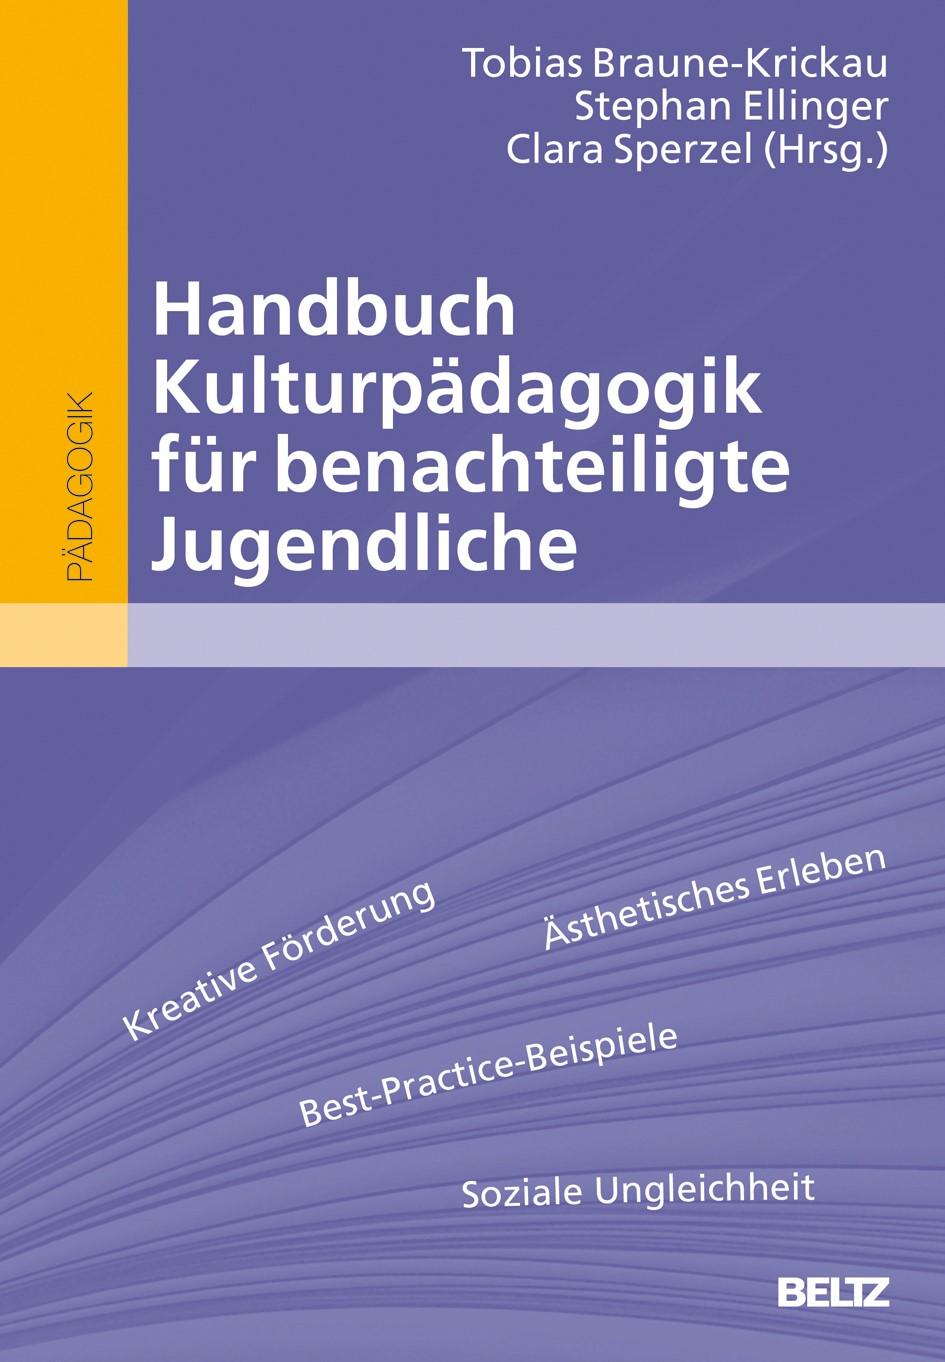 Abbildung von Braune-Krickau / Ellinger / Sperzel | Handbuch Kulturpädagogik für benachteiligte Jugendliche | 2013